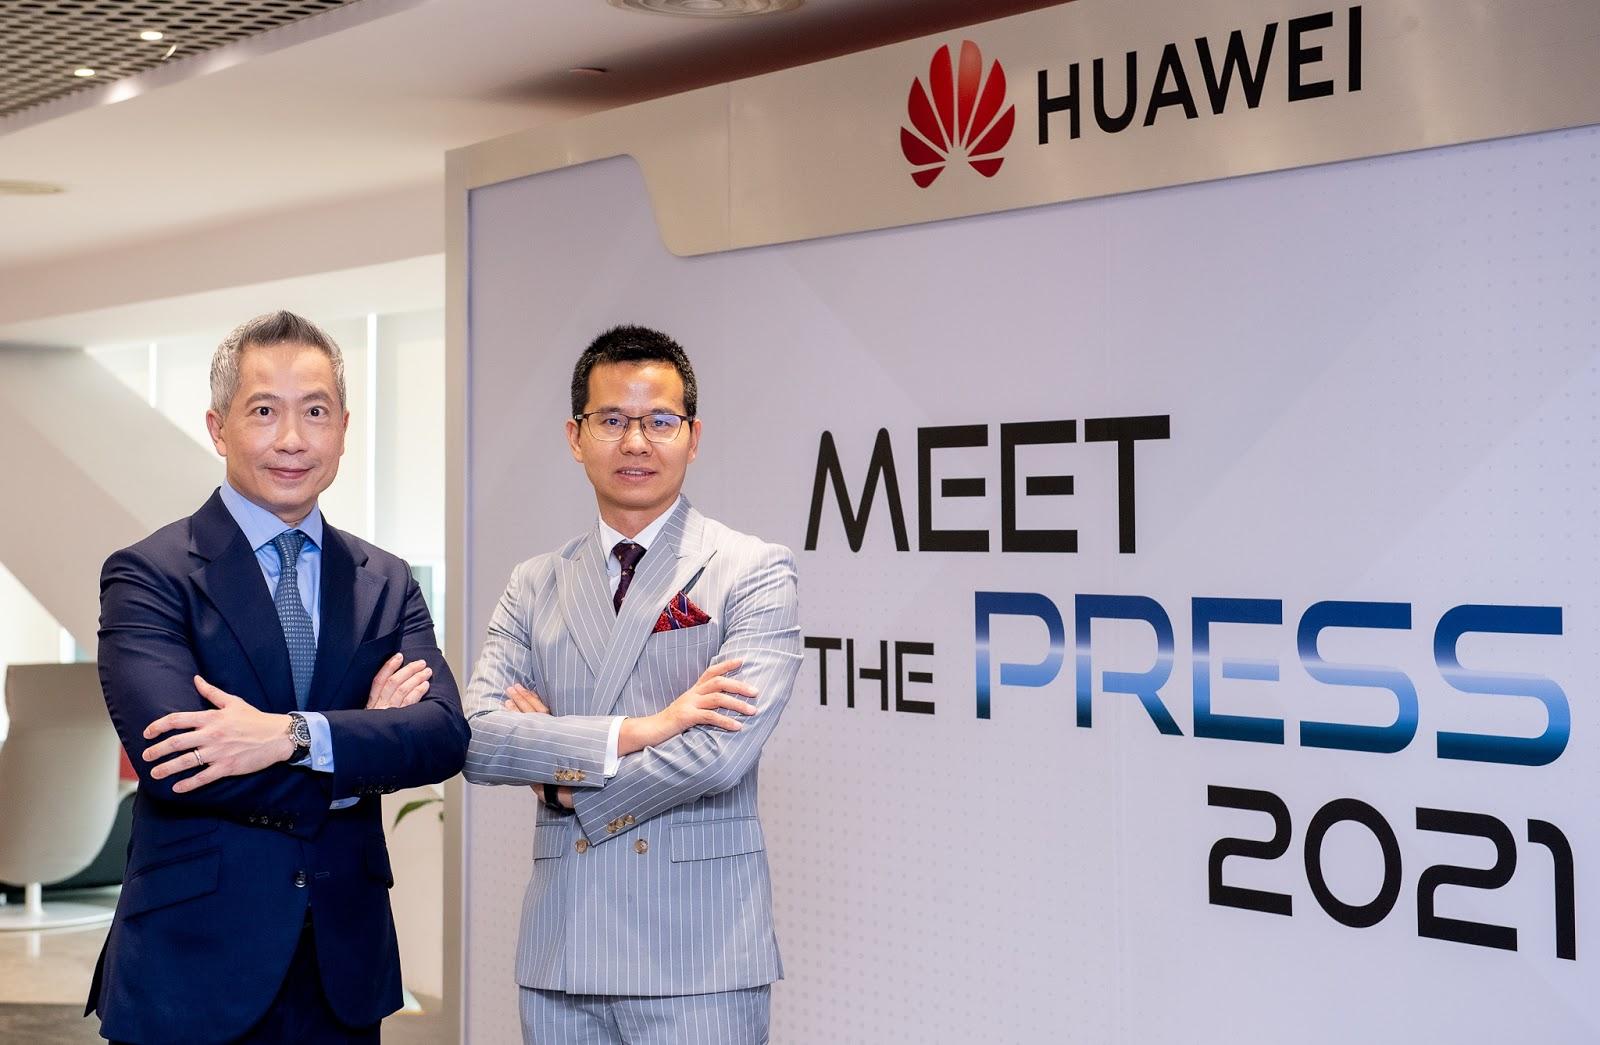 Huawei แต่งตั้งผู้บริหารไทยนั่งกรรมการผู้จัดการร่วมเดินหน้าเสริมแกร่งตลาดไทย ผลักดันดิจิทัลไทยแลนด์